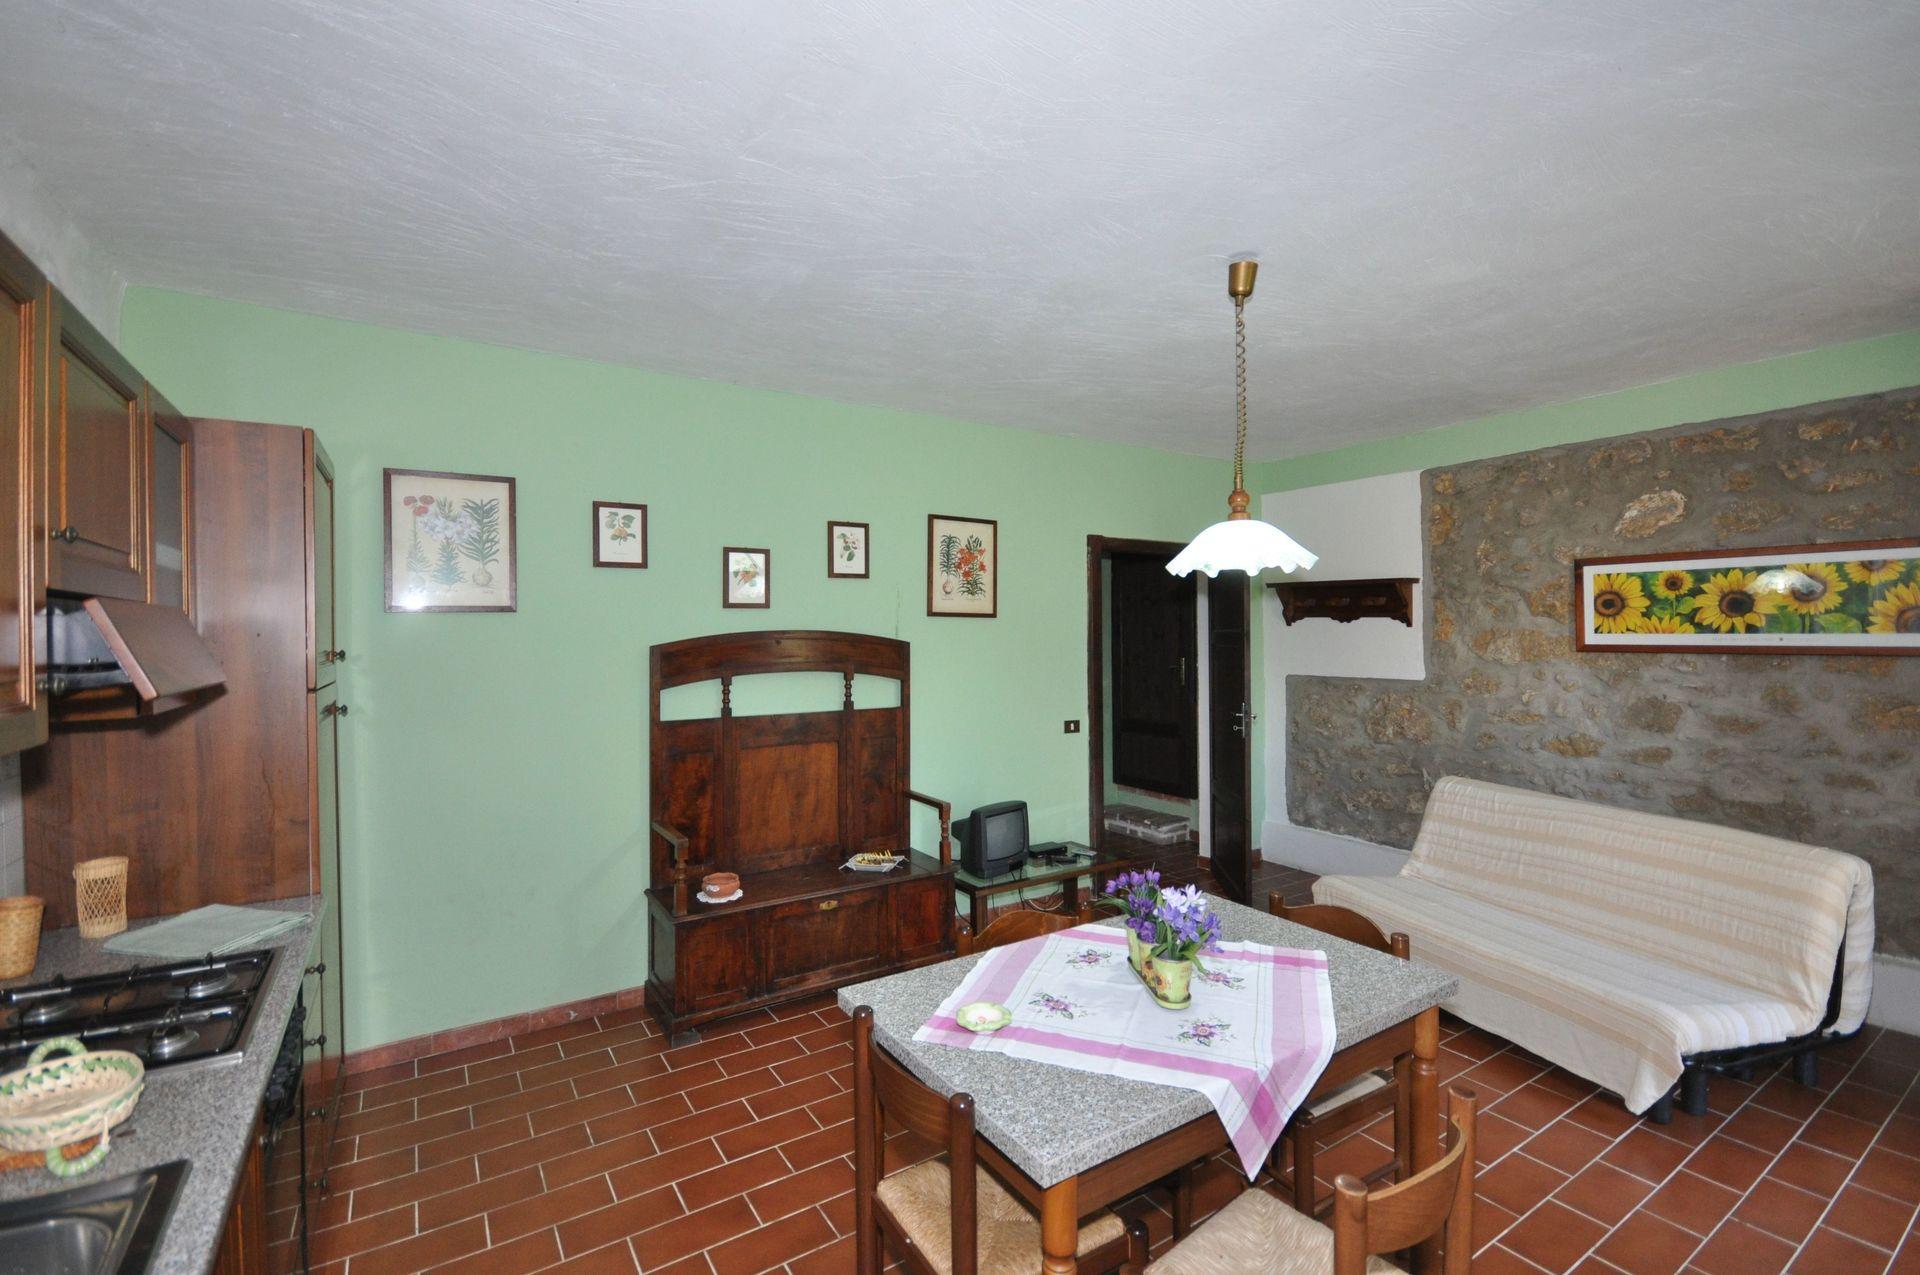 Matilde 6 - Posti Letto 4 in 1 Camere  Casa vacanza a Pomarance, Toscana, Italia.